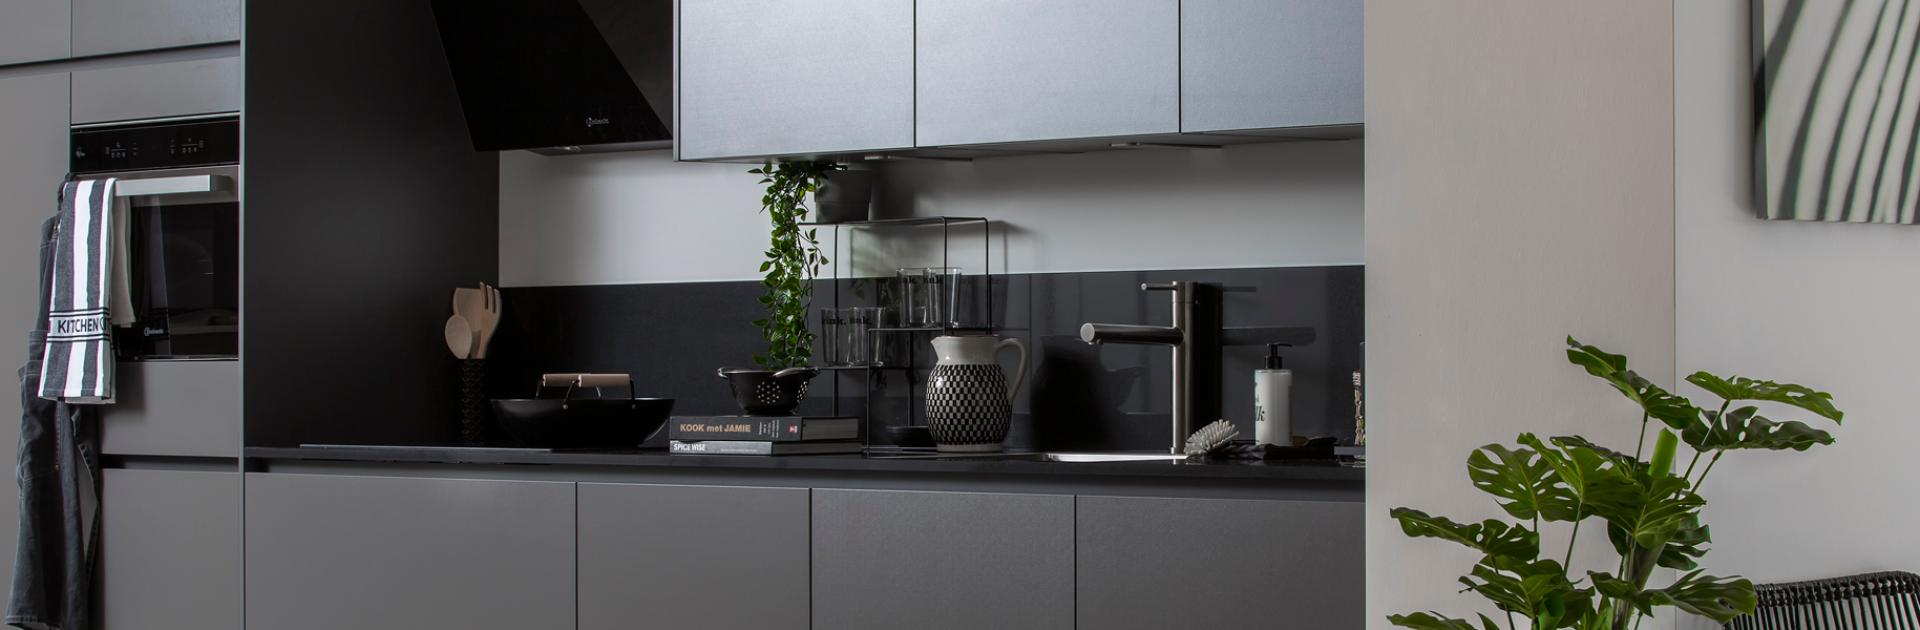 Voordelige showroomkeukens | Eigenhuis Keukens